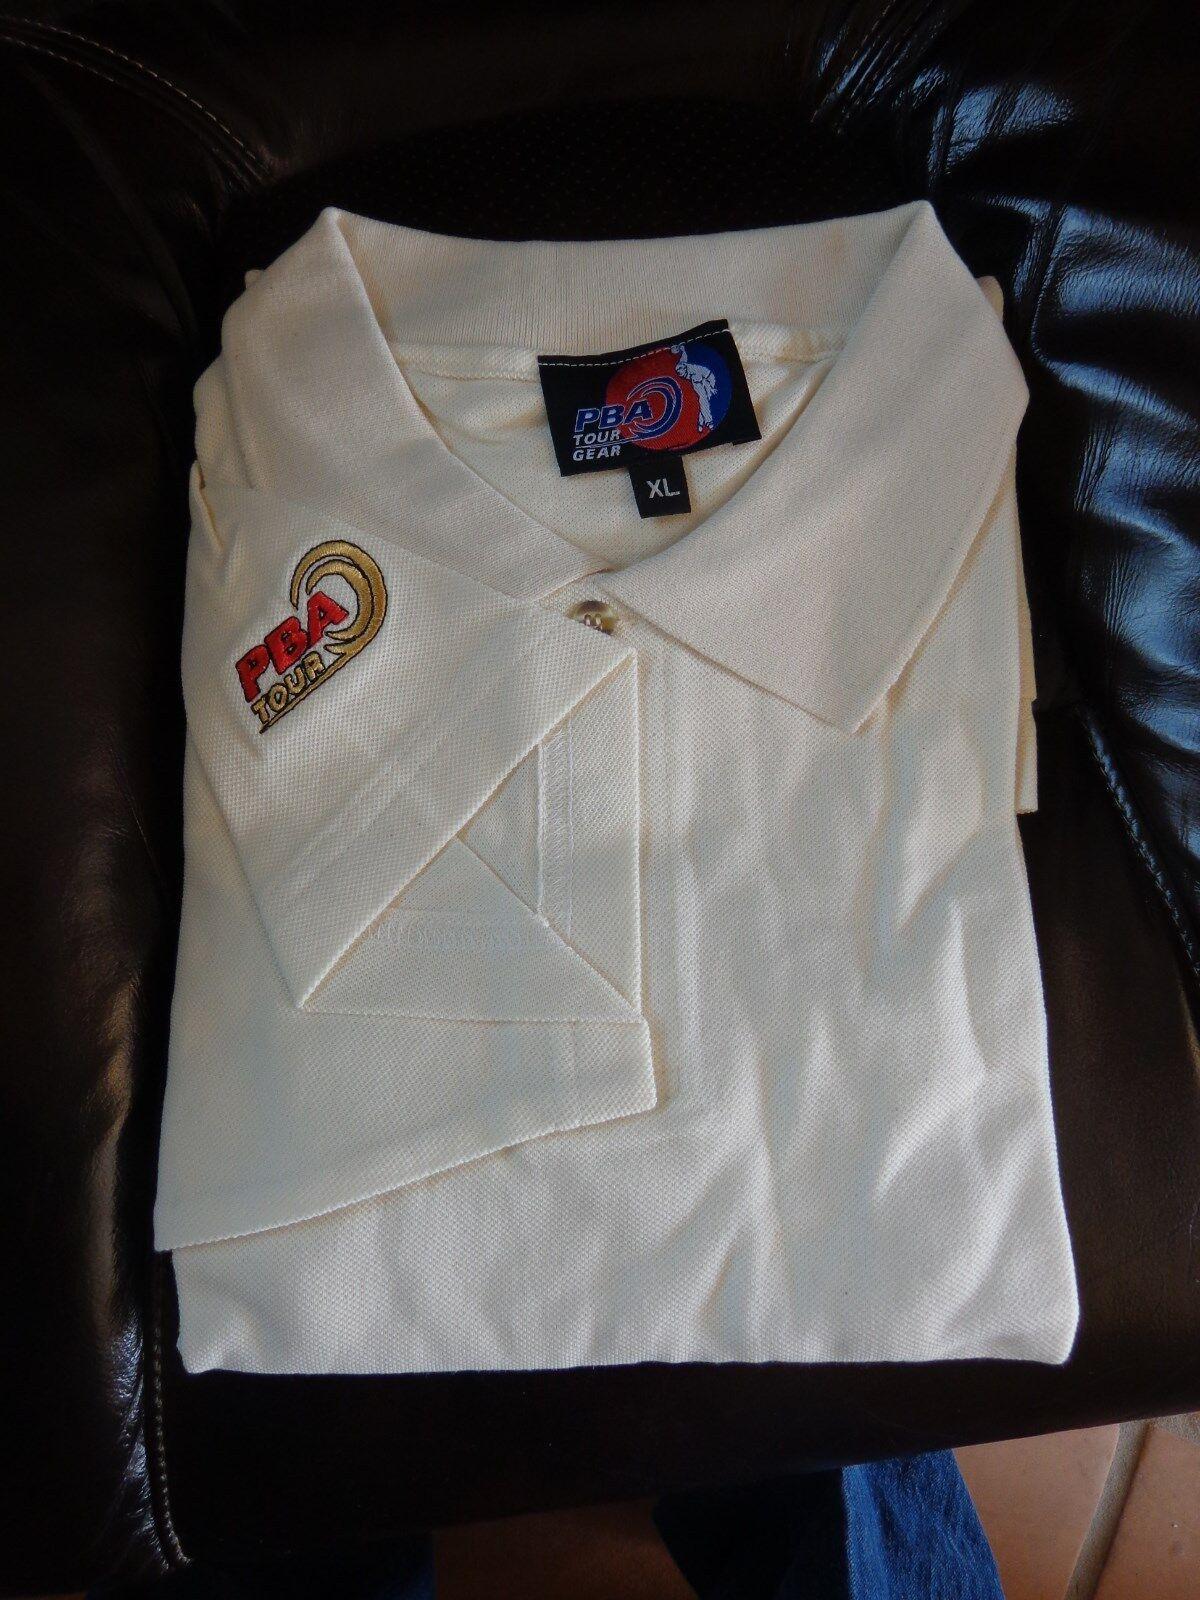 Vintage Retro PBA Tour Logo Cream White Polo Bowling Shirt - XL - Free Shipping